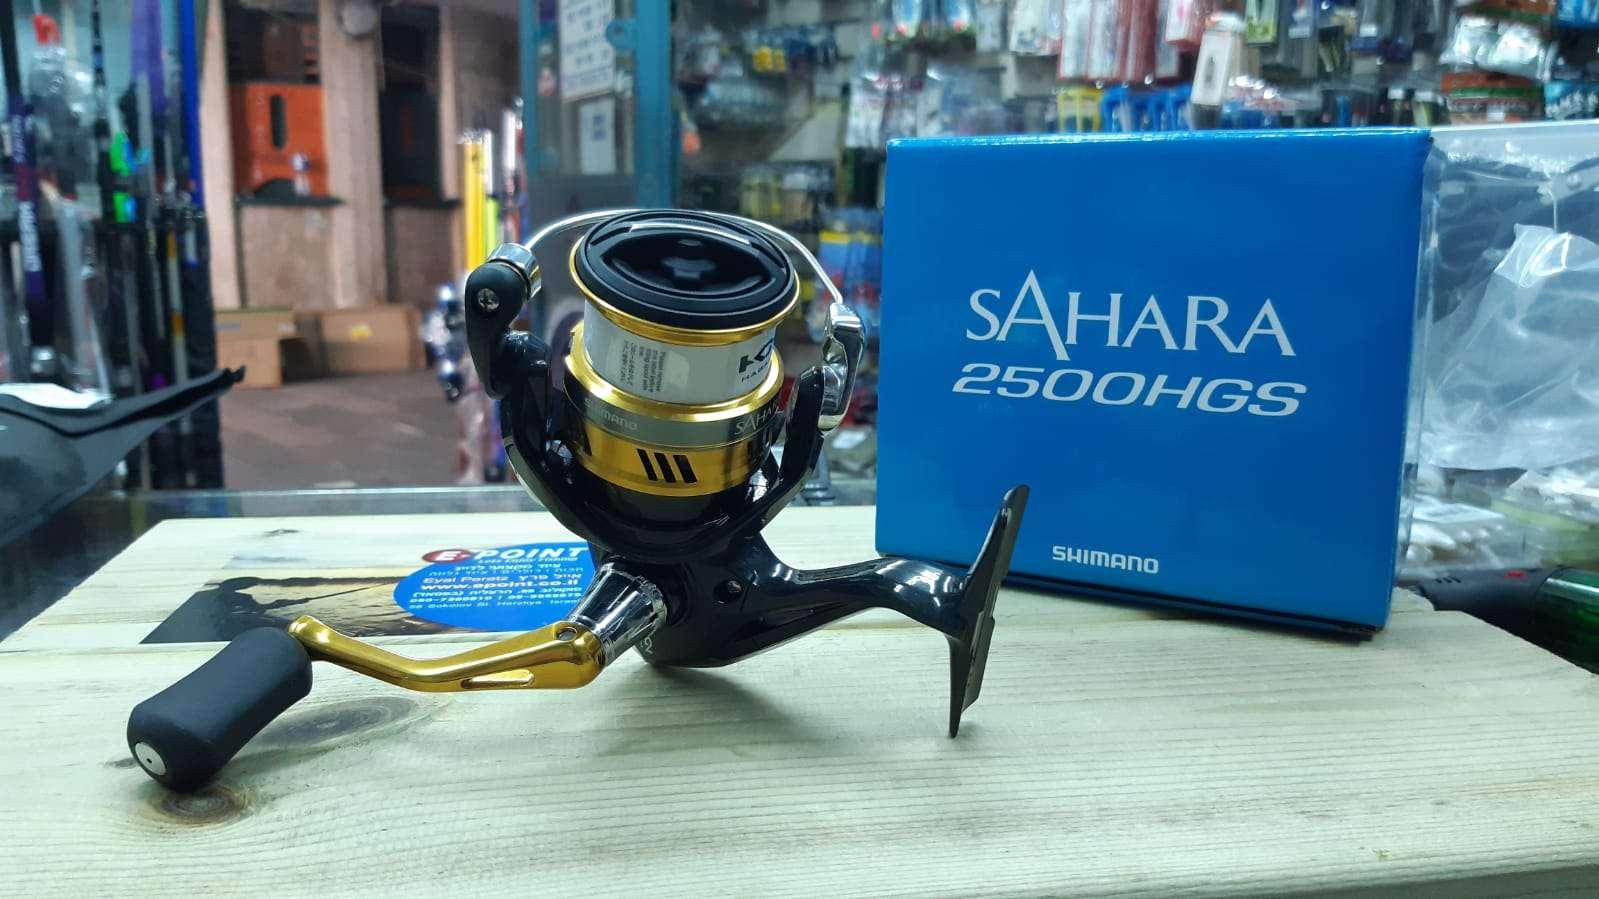 SHIMANO SAHARA 2500